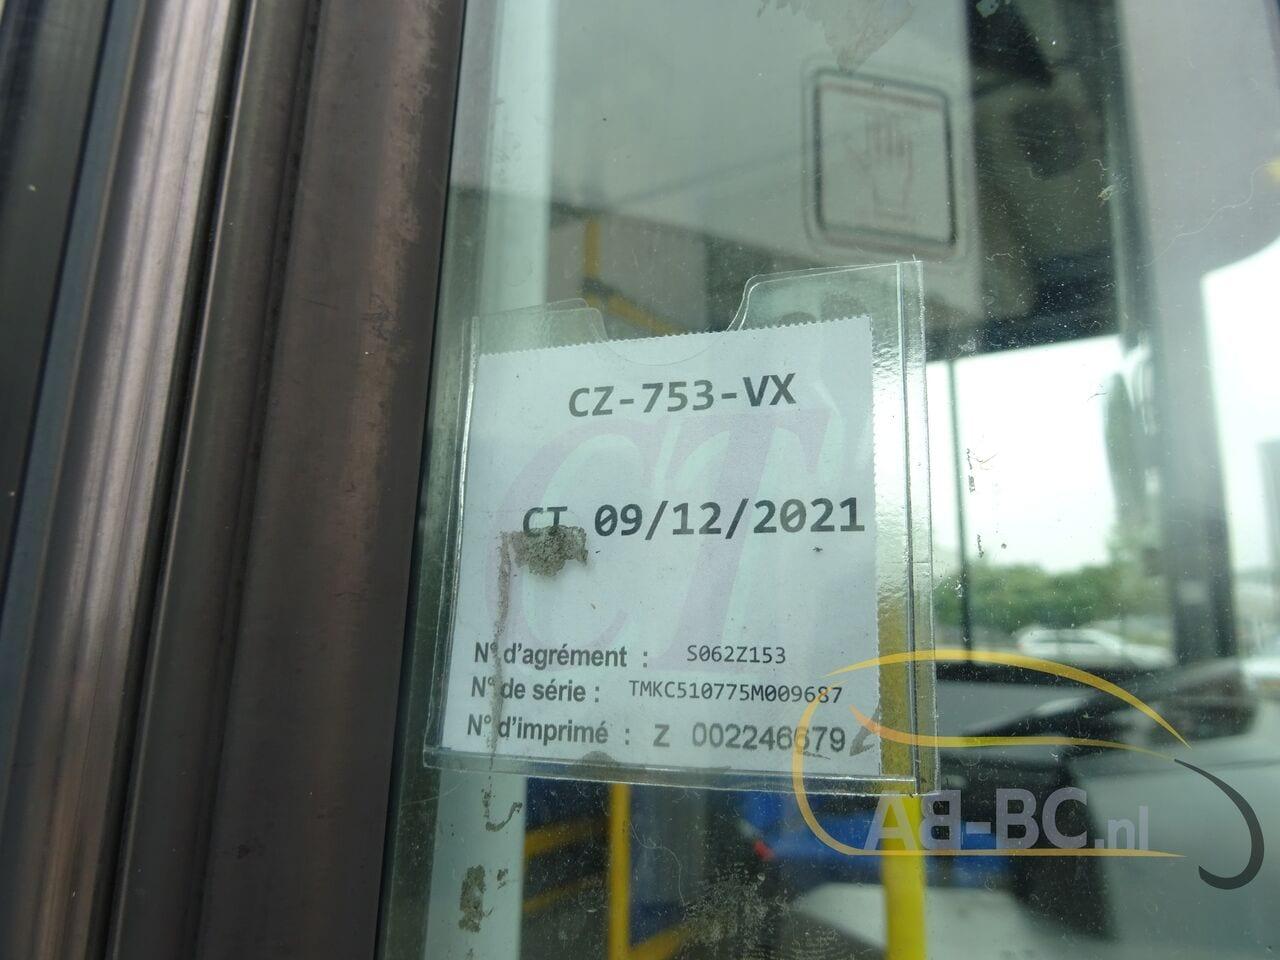 interurban-busIVECO-Irisbus-Recreo-64-Seats---1626160239946768986_big_1bcd442356f1851ab14a1d68e0707754--21071309575983154500